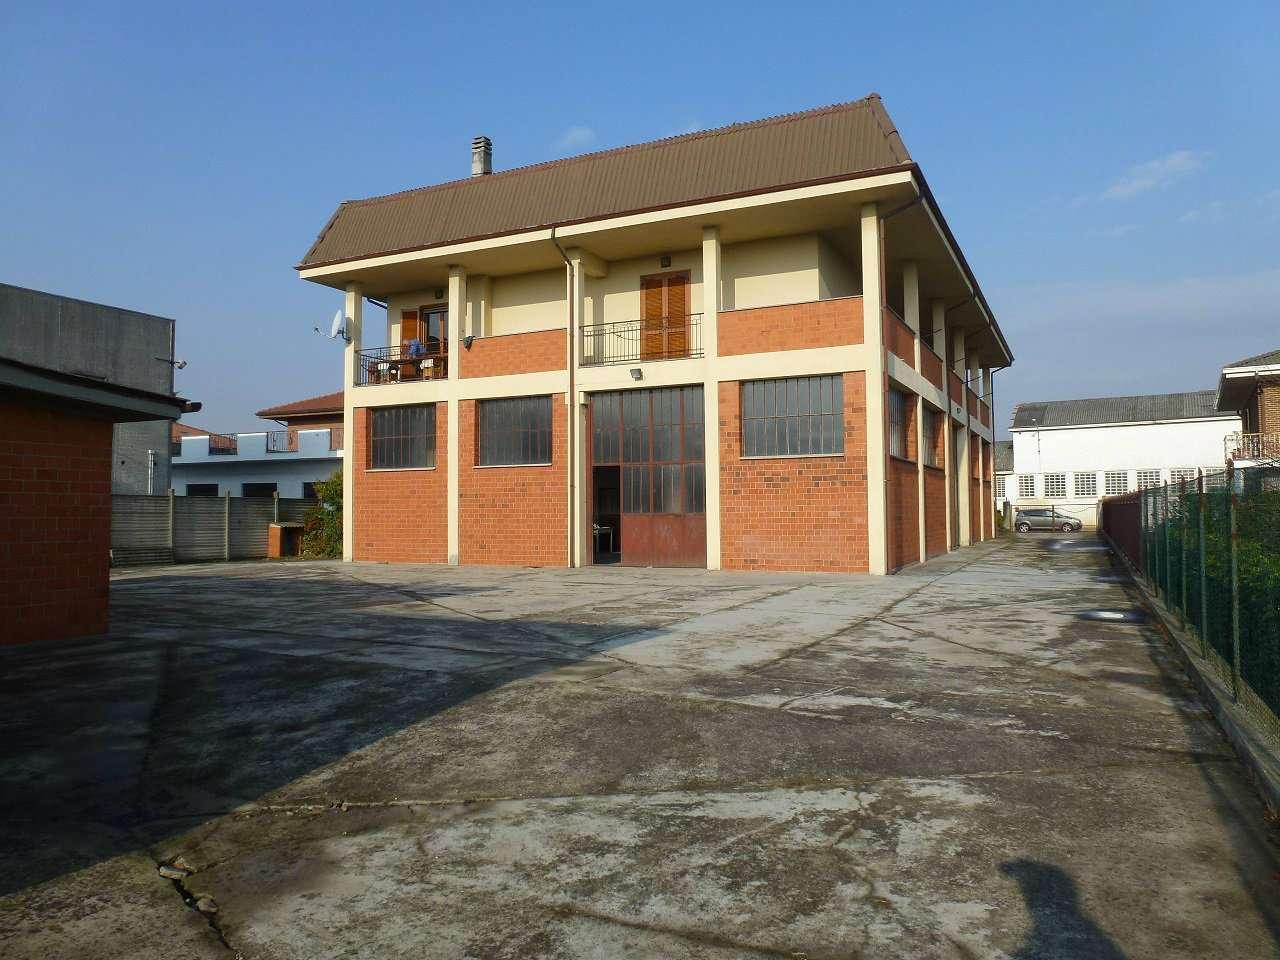 Appartamento in vendita a Caresanablot, 4 locali, prezzo € 320.000 | CambioCasa.it